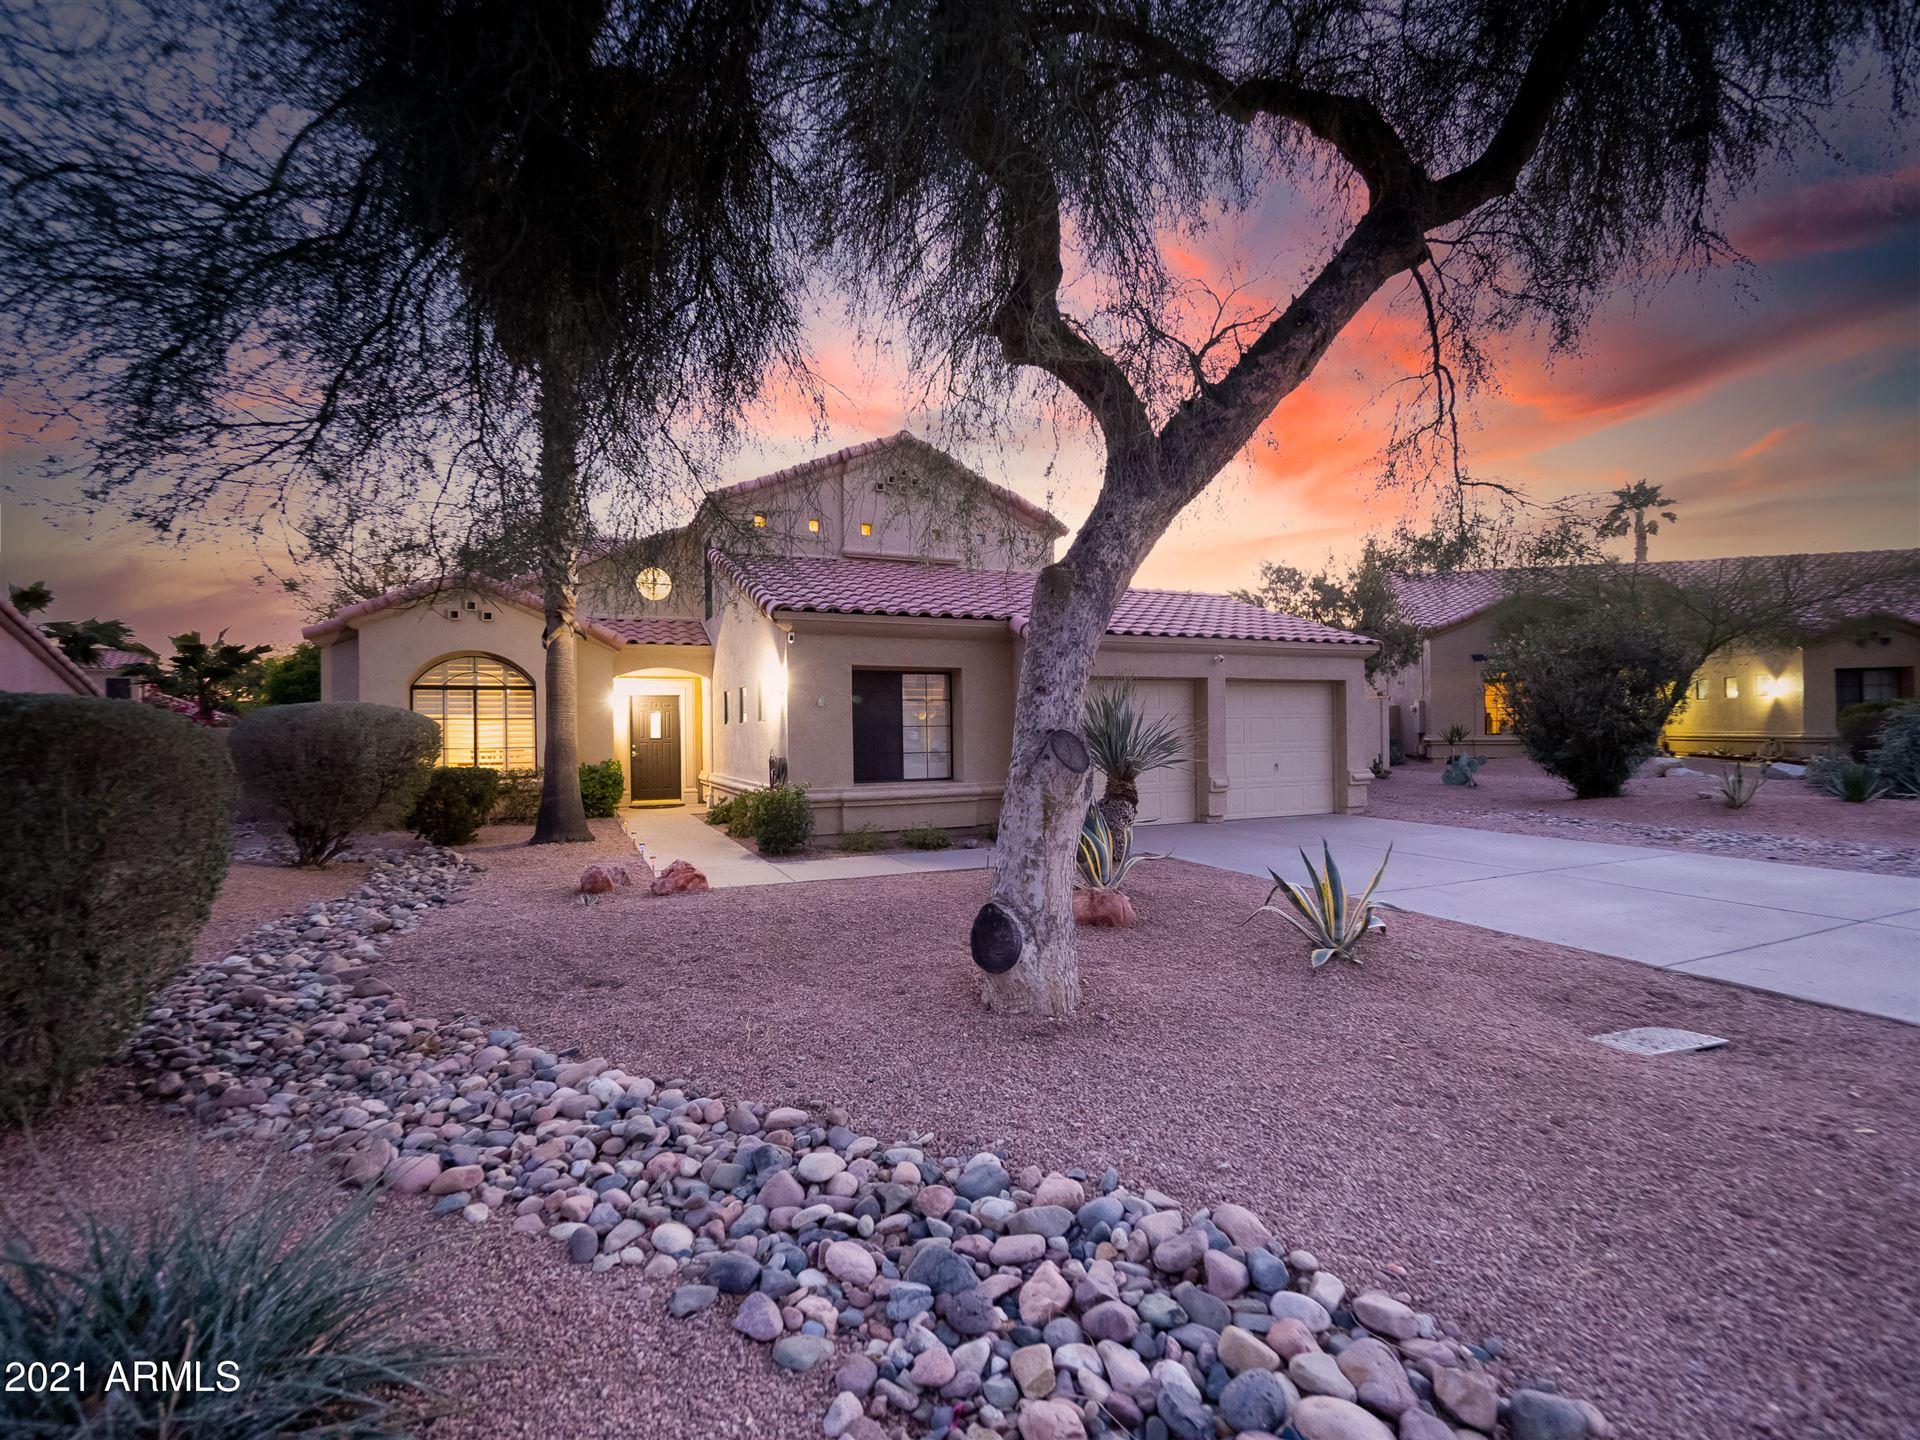 Photo of 9149 E KAREN Drive, Scottsdale, AZ 85260 (MLS # 6200601)